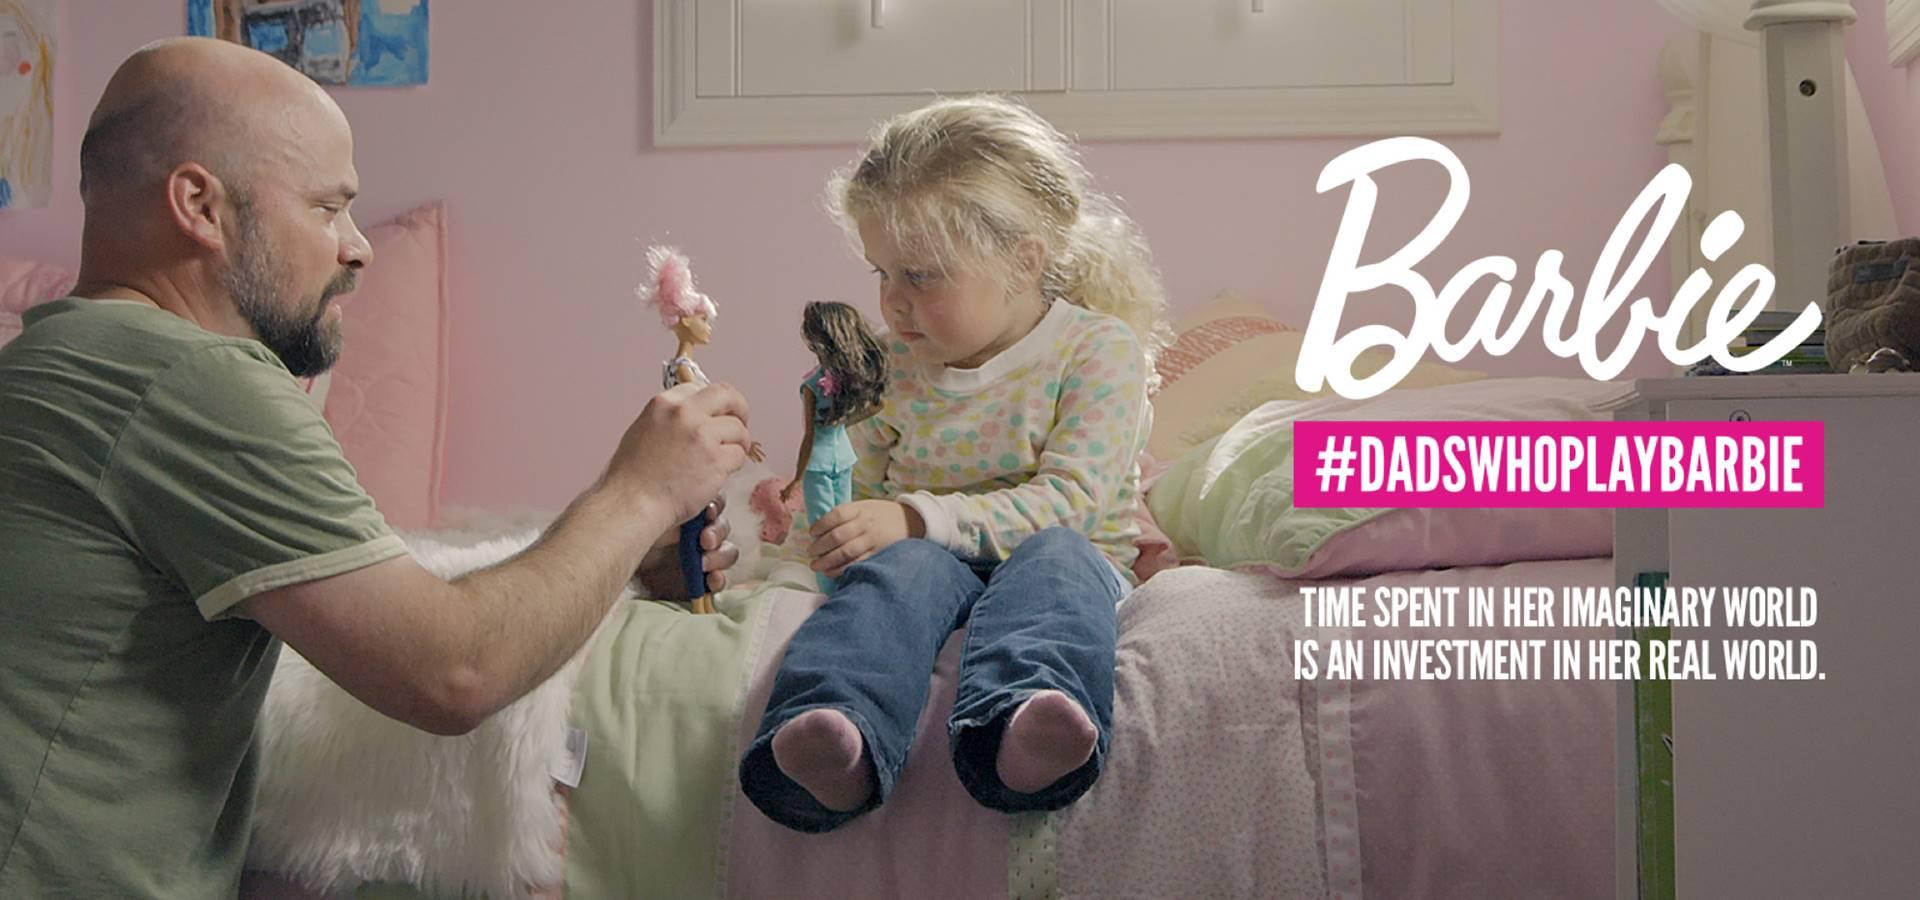 Lo spot di Barbie abbatte gli stereotipi di genere: i papà giocano con le bambole